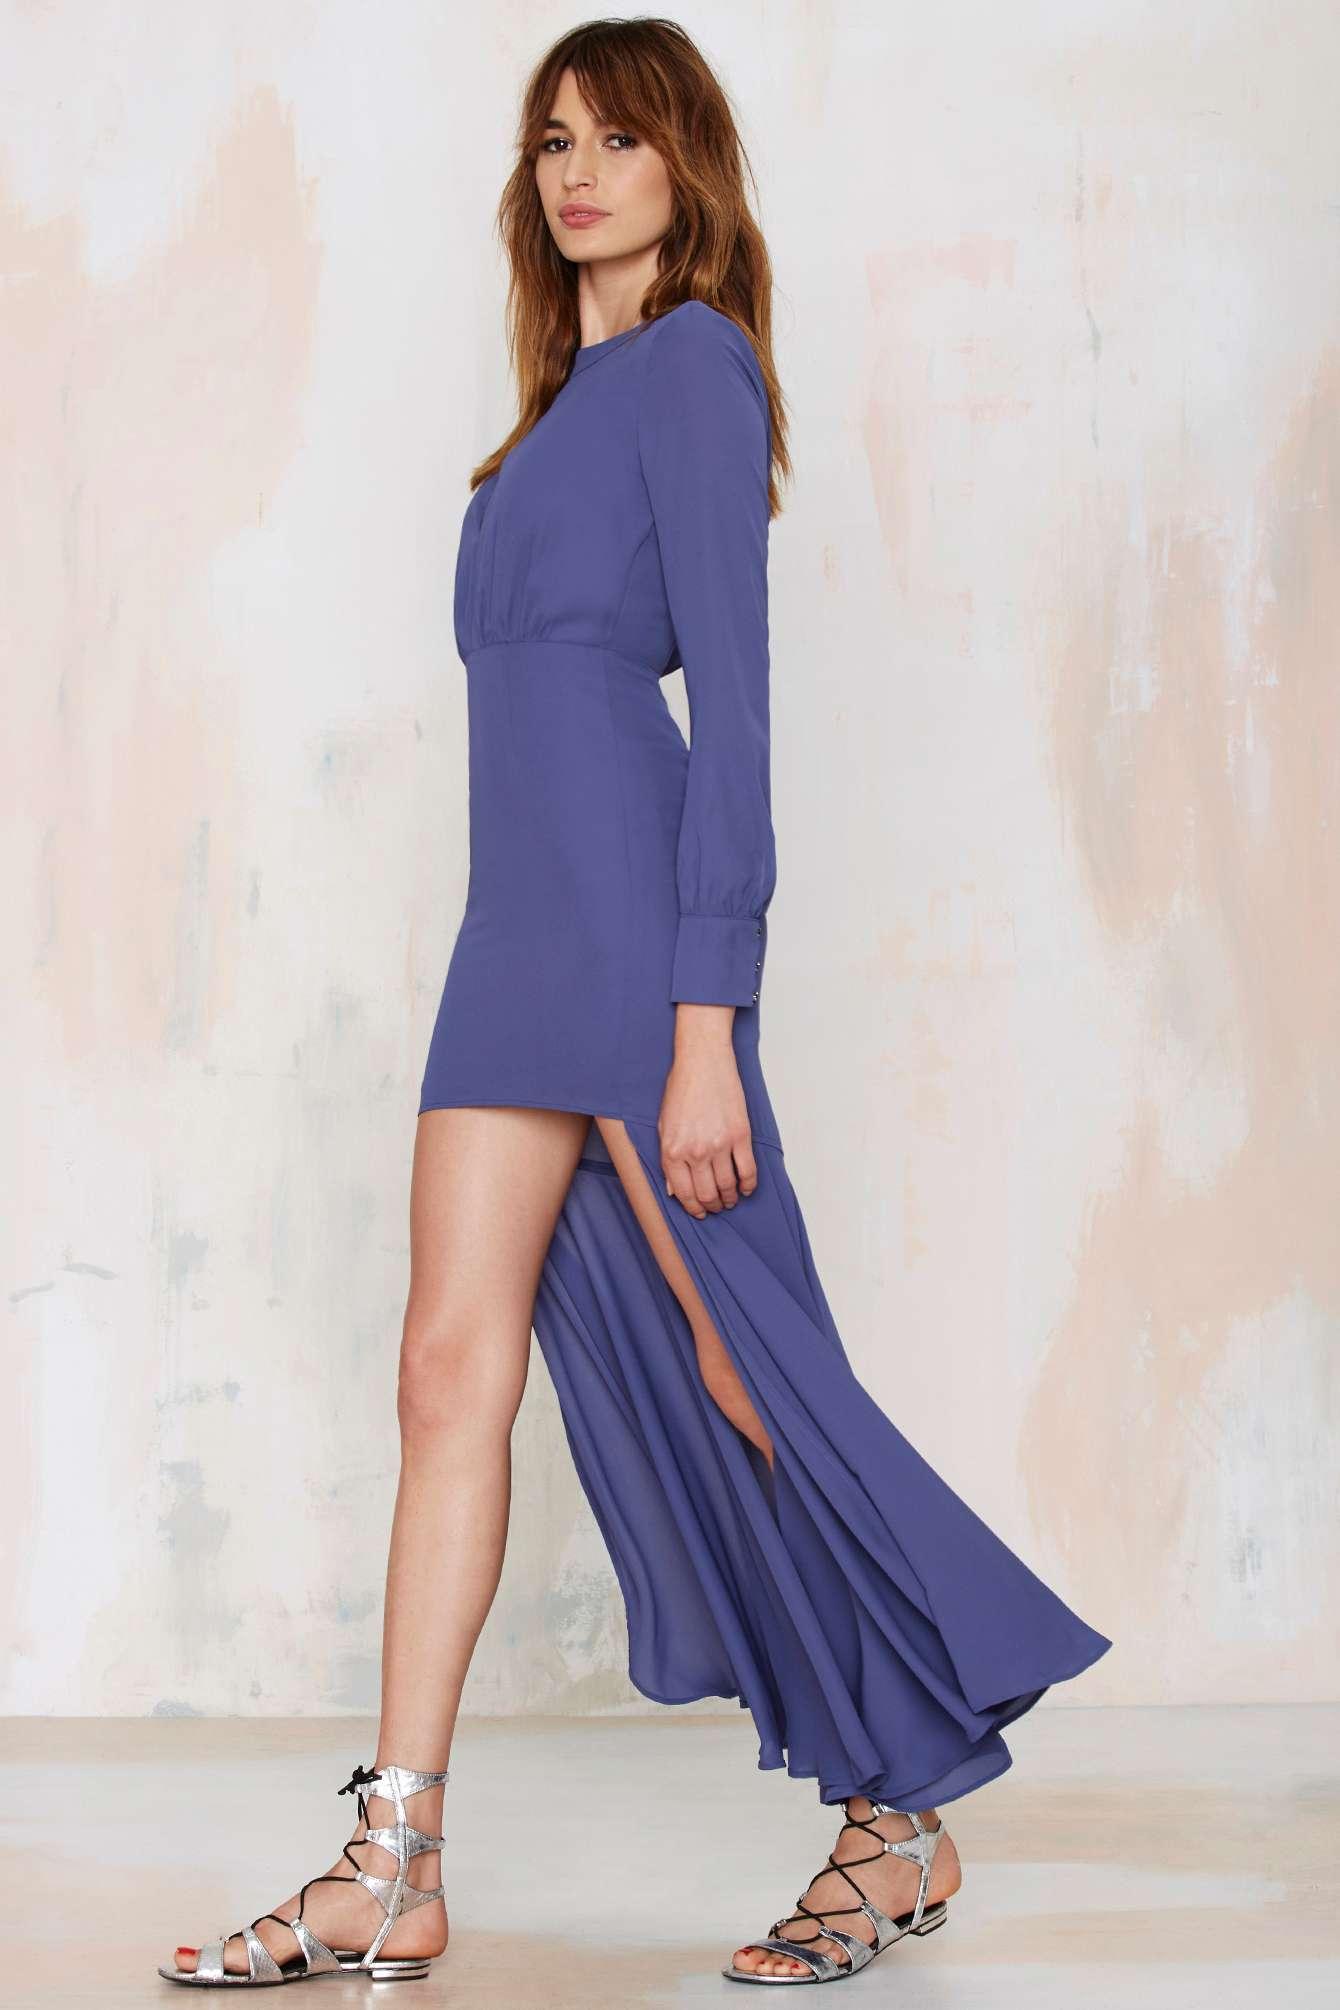 Magnífico Trajes De Baile Tumblr Composición - Ideas de Vestidos de ...